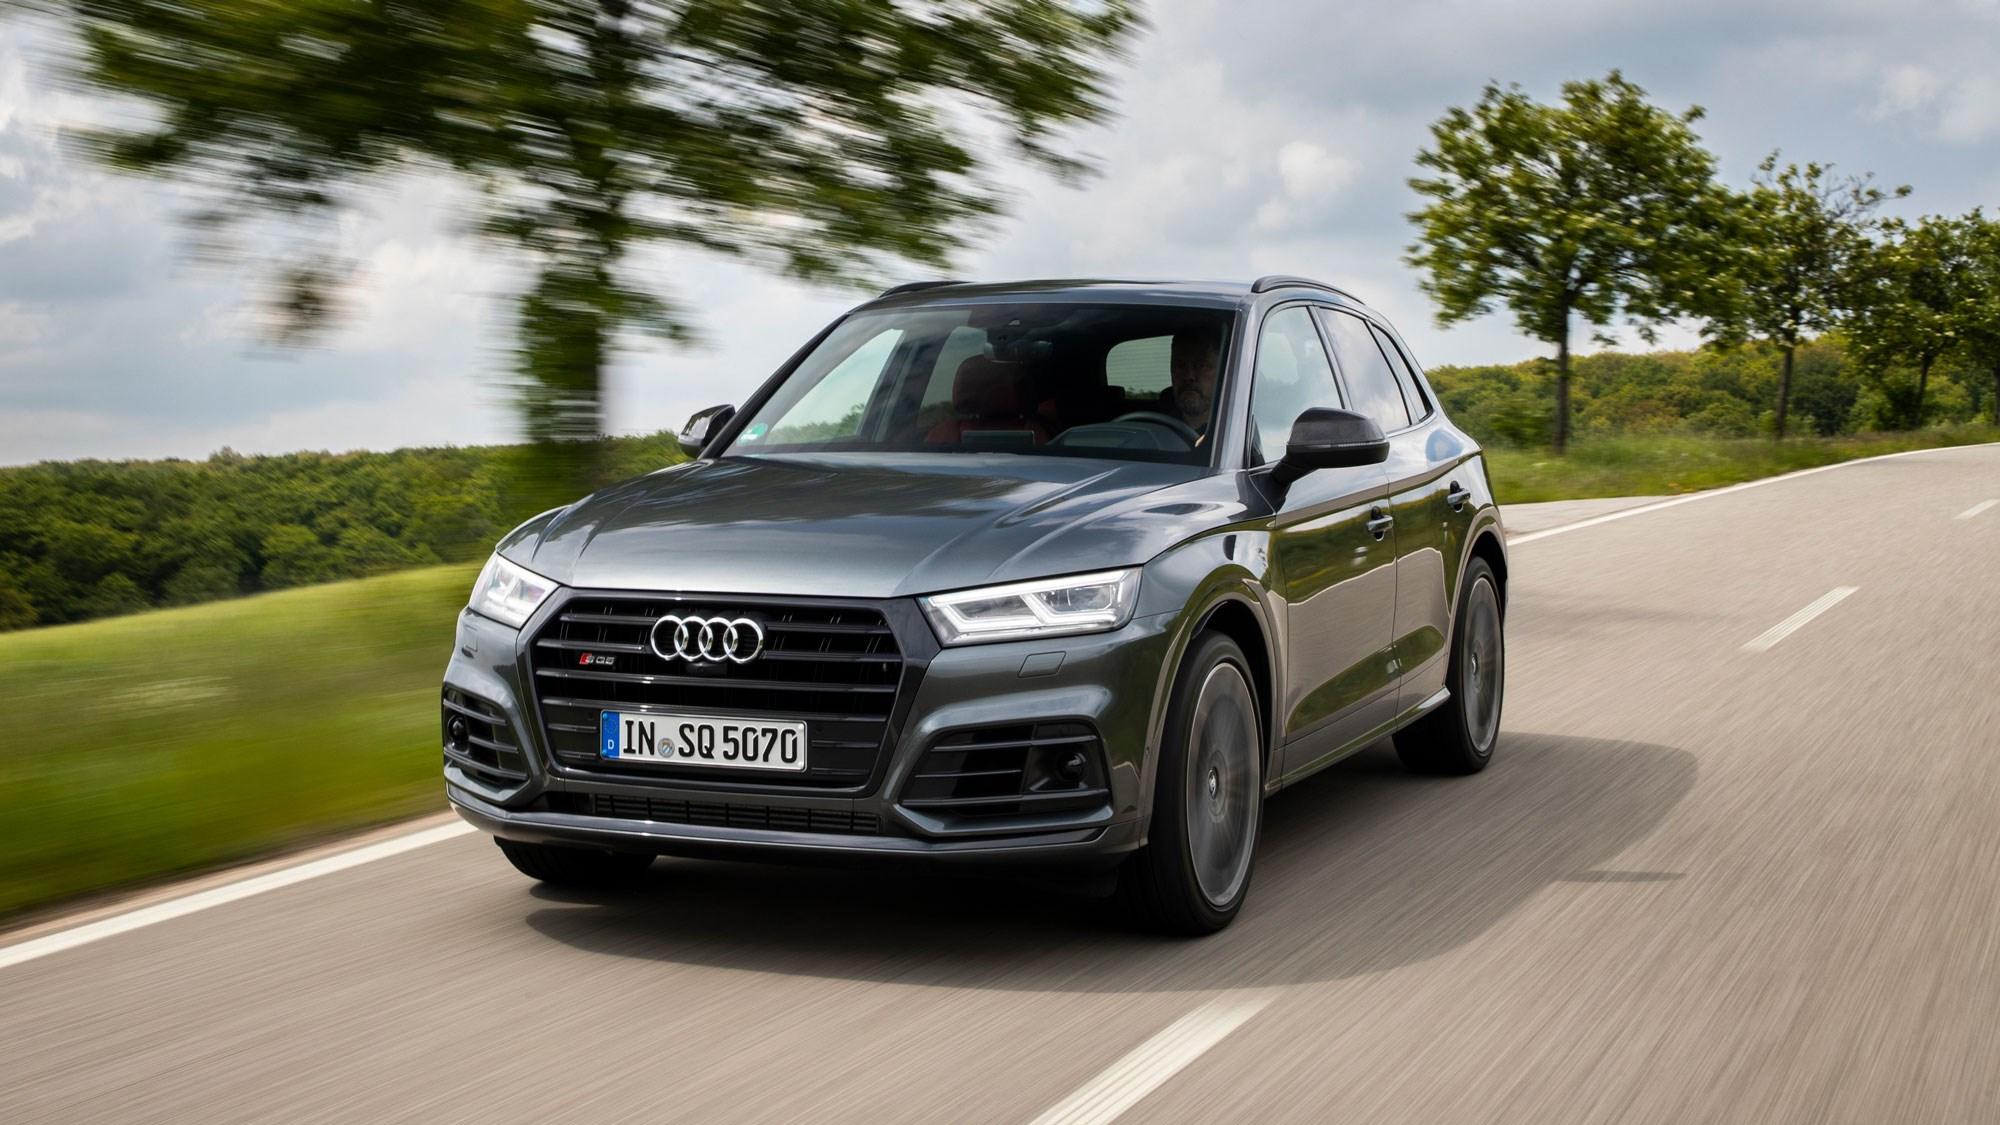 Kelebihan Audi Sq Spesifikasi